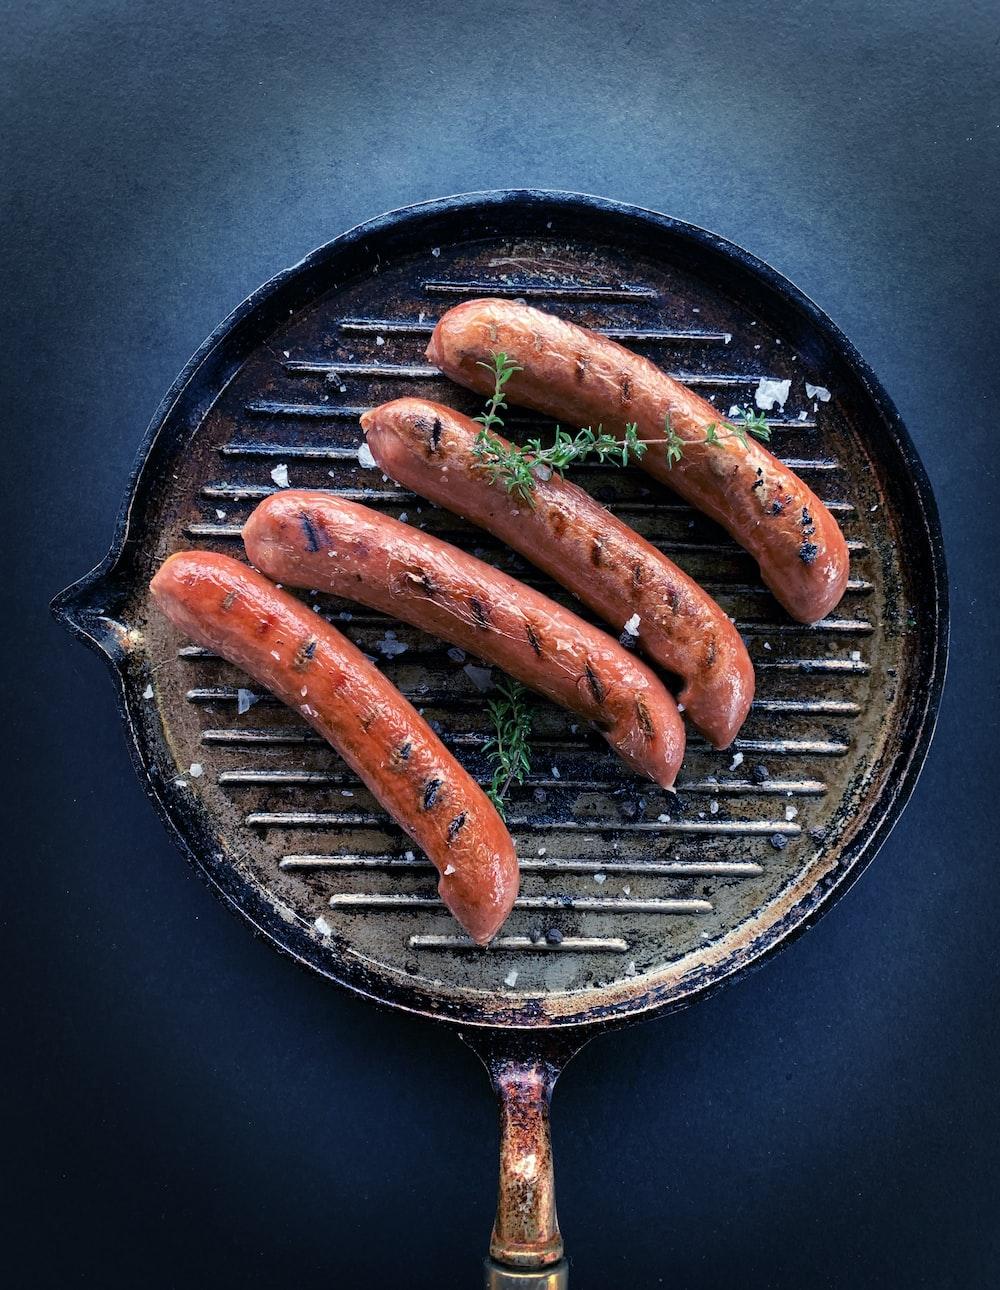 sausage on black round pan